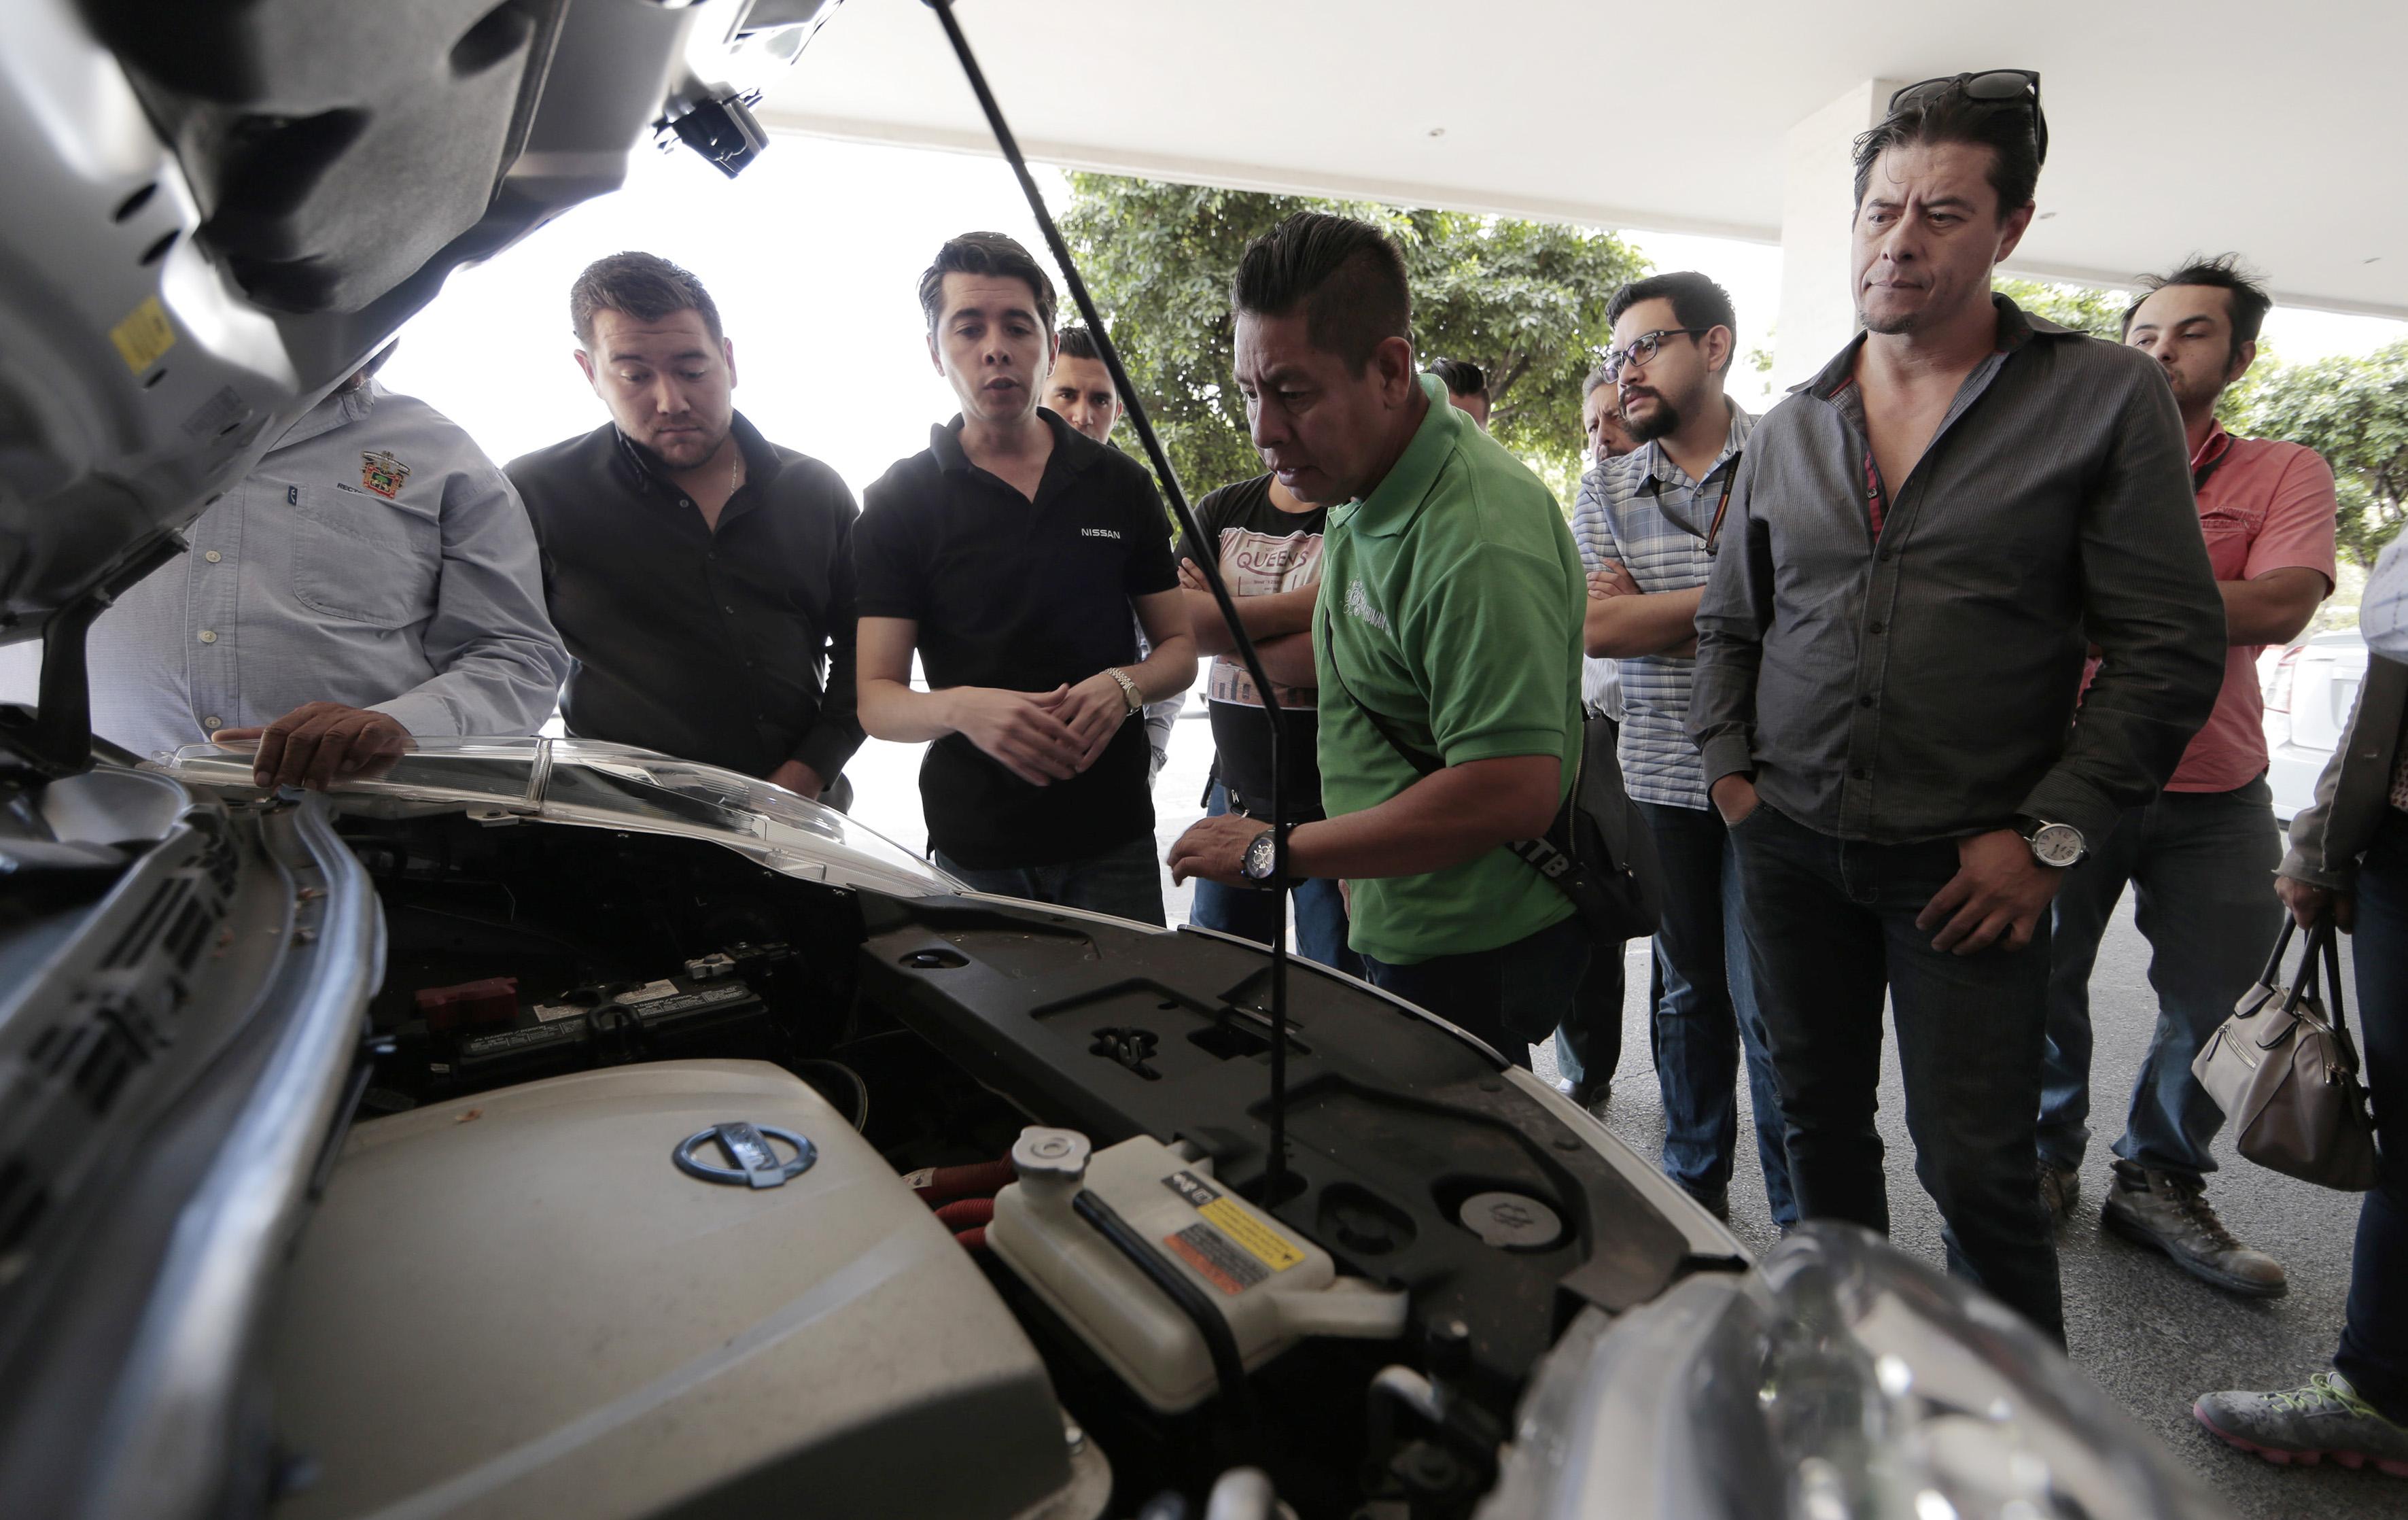 Personal de la empresa Nissan mostrando el motor y partes internas de los vehículos eléctricos, como parte de la capacitación a choferes de la Universidad de Guadalajara que los conducirán.